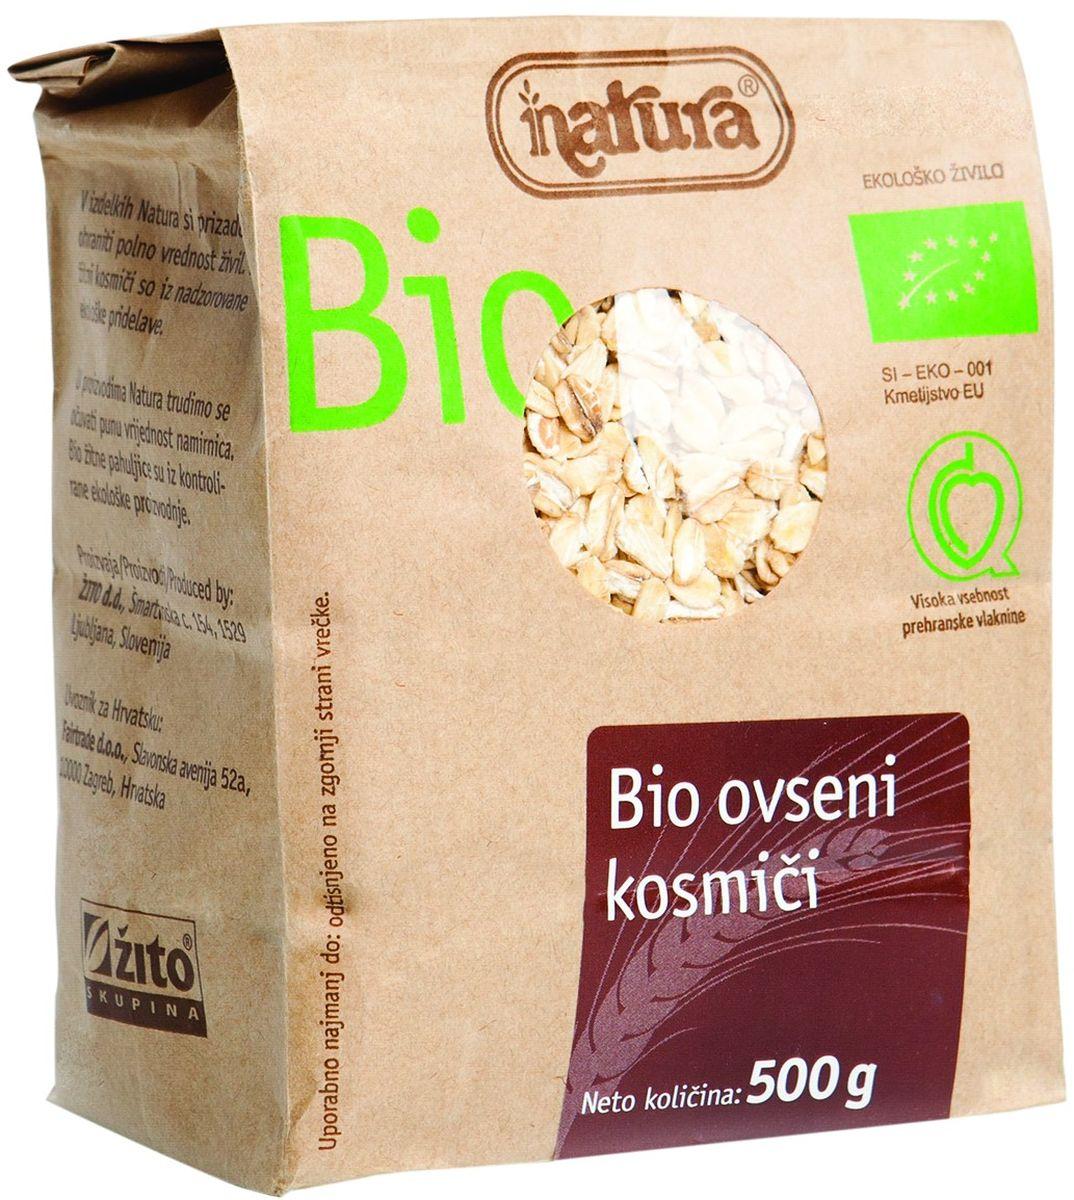 Благодаря своему высокому содержанию растительных жиров овес также известен как энергетический злак. Он содержит важные питательные волокна, богатые бета-глюканами. Овсяные хлопья, мука и отруби содержат наибольшее количество питательных компонентов овса. Органические продукты Natura имеют маркировку в соответствии с законодательством и европейскую экологическую маркировку сертифицированных органических продуктов питания, так как при их производстве не используются удобрения и распылители, запрещенные в органическом производстве и обработке. Органические продукты произведены под контролем SI – EKO – 001. Органические продукты Natura производятся в регионах, где природа пока еще живет своей жизнью. Они попадают на полки магазинов и на столы людей, выбирающих здоровое питание, в той же форме, в которой их создала природа: натуральными, питательными и здоровыми. Разнообразные натуральные зерна и семена обладают всеми свойствами злаков, полностью сохраняя, таким...